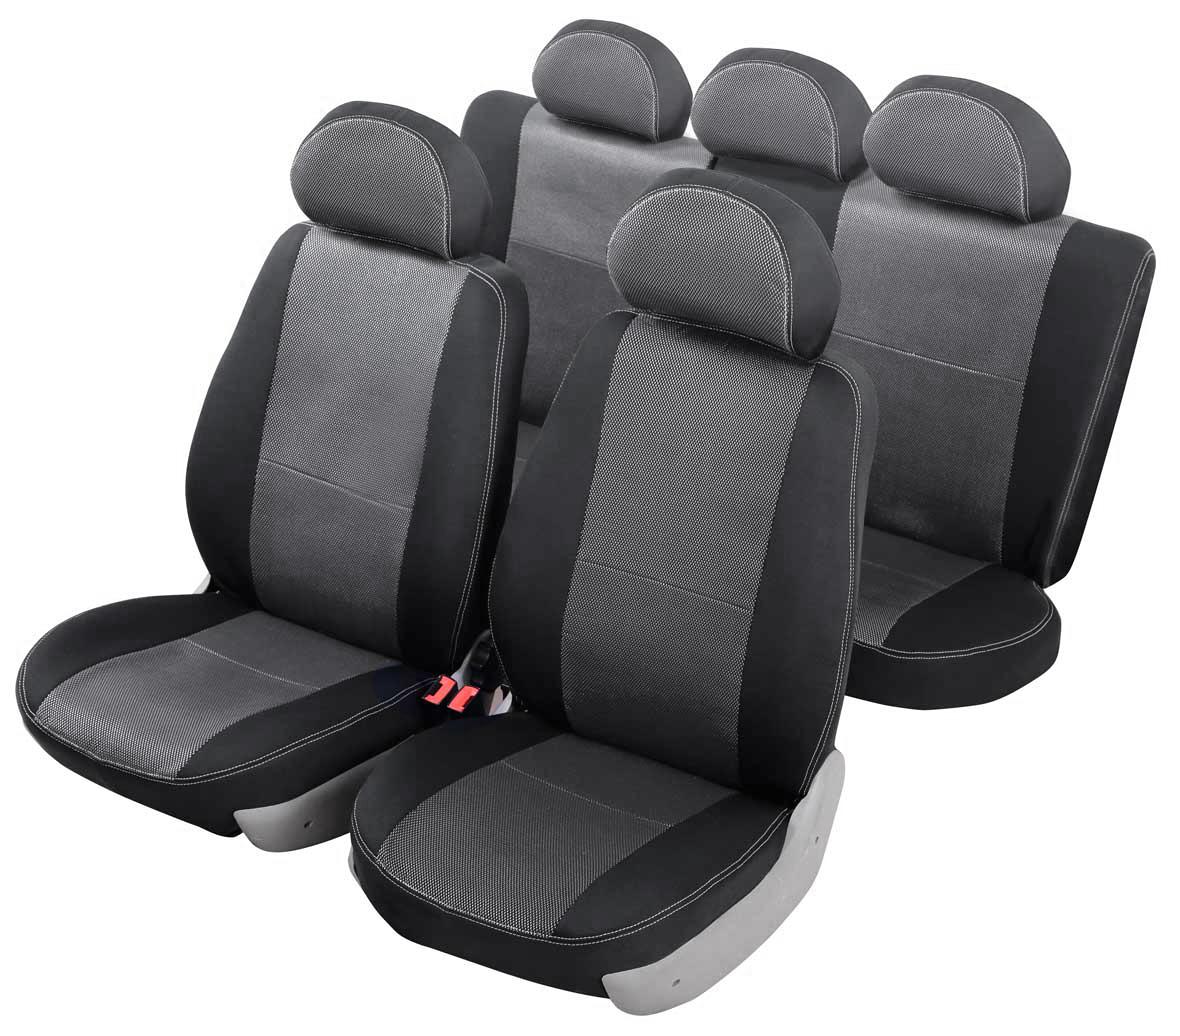 Чехол на автомобильное кресло Senator Dakkar DAEWOO MATIZ 2000-2014 хэтч. 5д, цвет: черныйS3010131Разработаны в РФ индивидуально для каждой модели автомобиля. Чехлы Senator Dakkar серийно выпускаются на собственном швейном производстве в России. Чехлы идеально повторяют штатную форму сидений и выглядят как оригинальная обивка сидений. Для простоты установки используется липучка Velcro, учтены все технологические отверстия. Чехлы сохраняют полную функциональность салона – трасформация сидений, возможность установки детских кресел ISOFIX, не препятствуют работе подушек безопасности AIRBAG и подогрева сидений. Дизайн чехлов Senator Dakkar приближен к оригинальной обивке салона. Чехлы имеют вставки из жаккарда по центру переднего сиденья и на подголовниках. Декоративная контрастная прострочка по периметру авточехлов придает стильный и изысканный внешний вид интерьеру автомобиля. Чехлы Senator Dakkar изготовлены из сверхпрочного жаккарда, триплированного огнеупорным поролоном толщиной 3 мм, за счет чего чехол приобретает дополнительную мягкость. Подложка из спандбонда сохраняет...